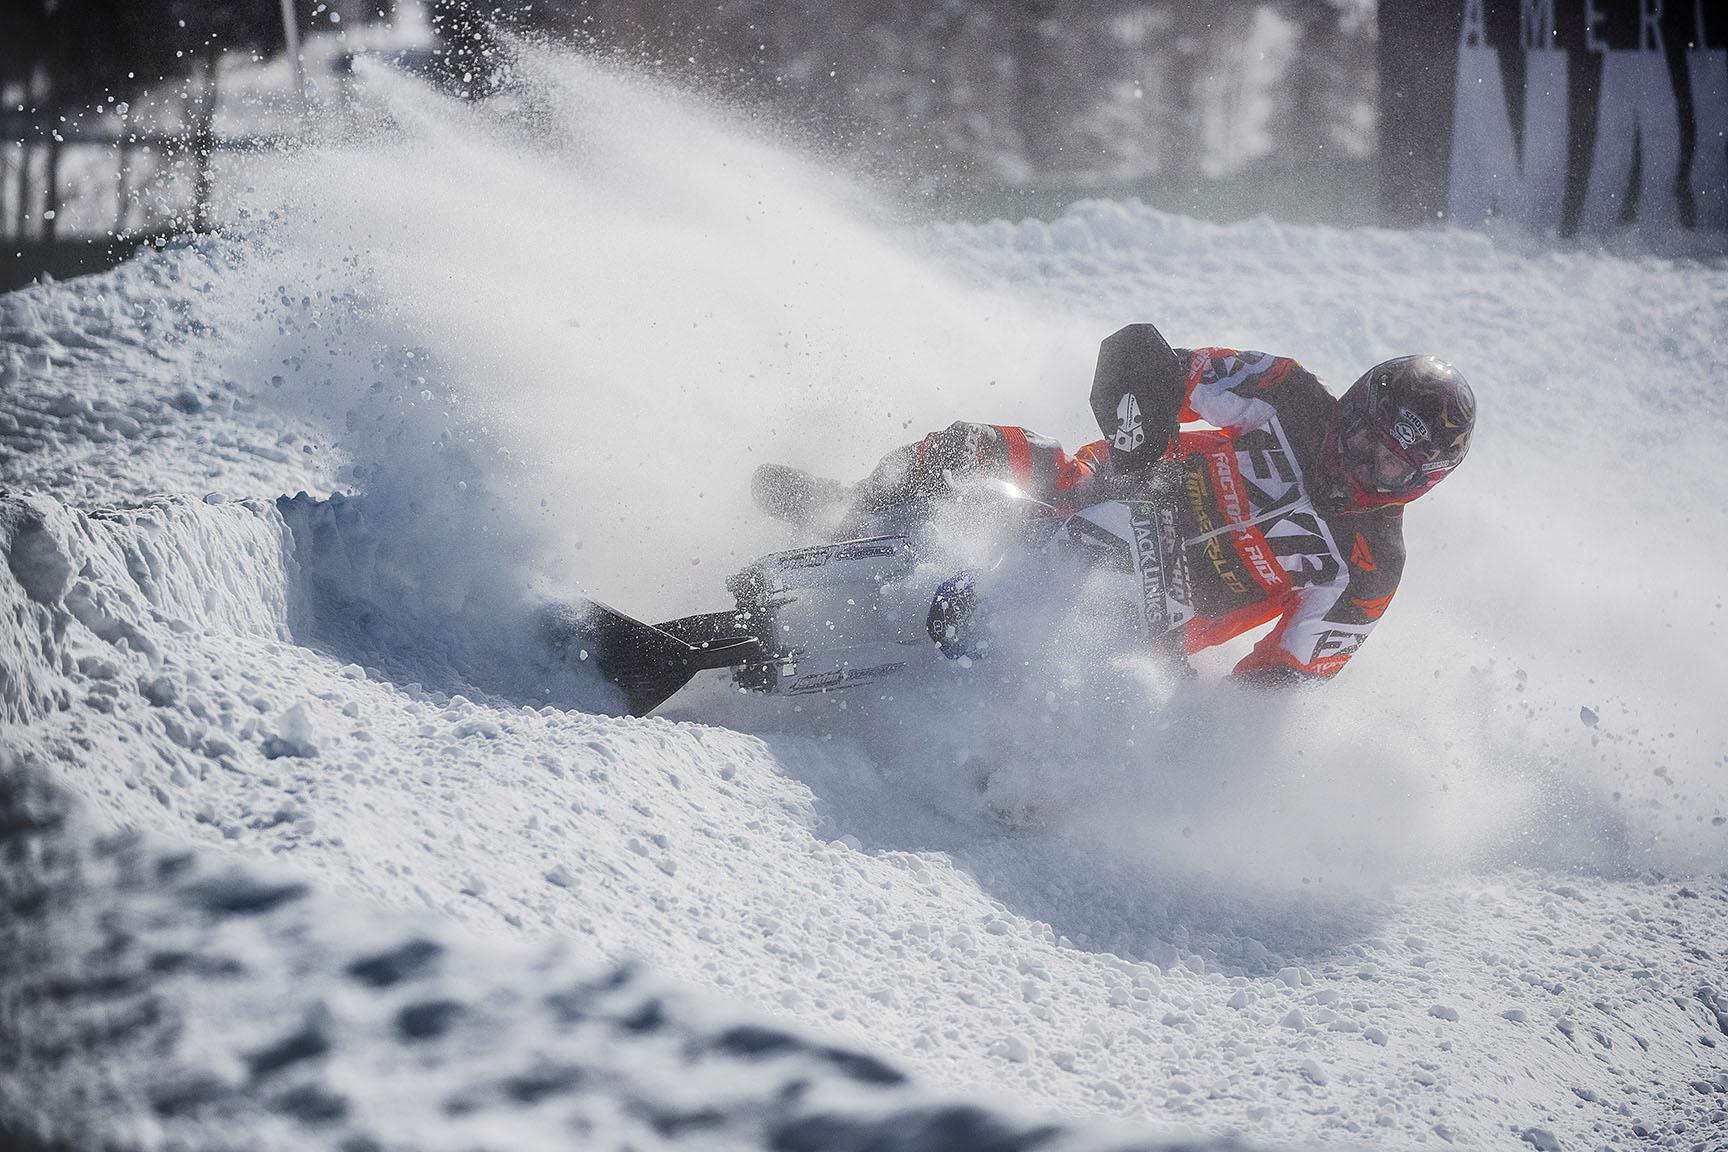 Nolan Heppner, Snow BikeCross